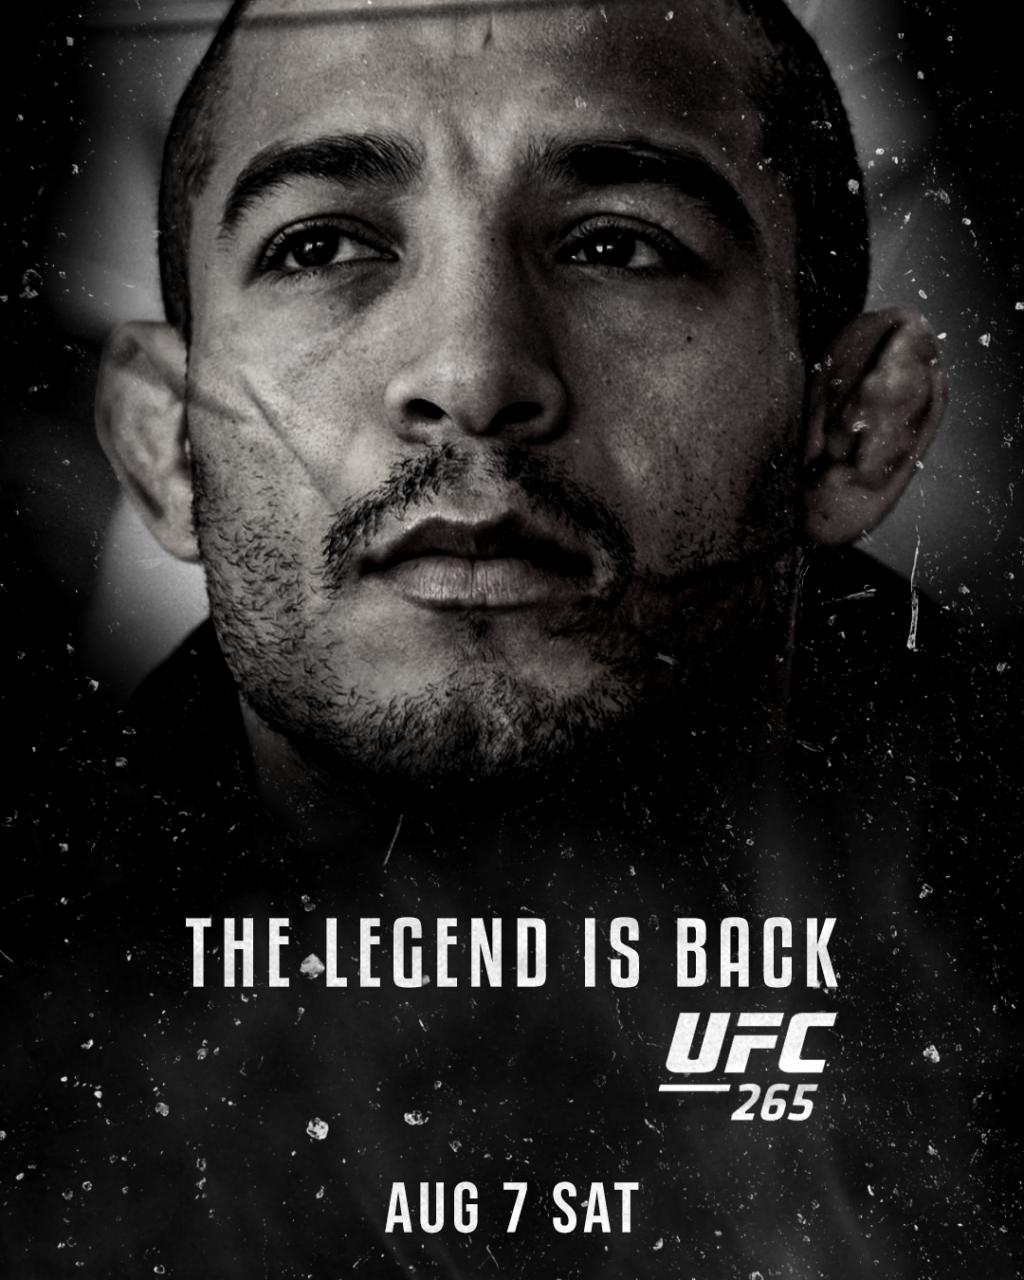 José Aldo UFC 265